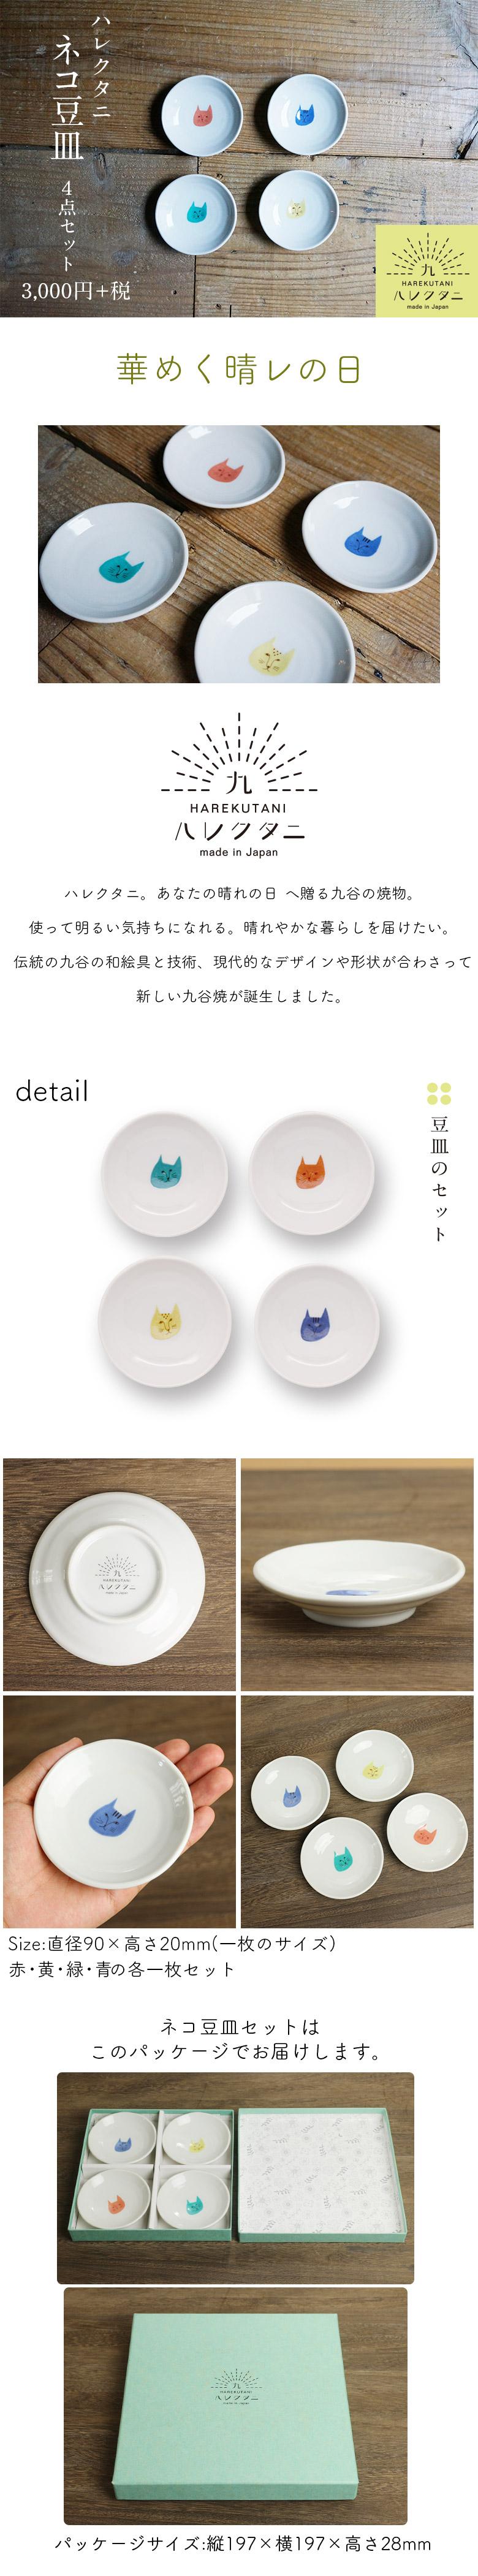 【九谷焼】ネコ豆皿 4点セット/ハレクタニ